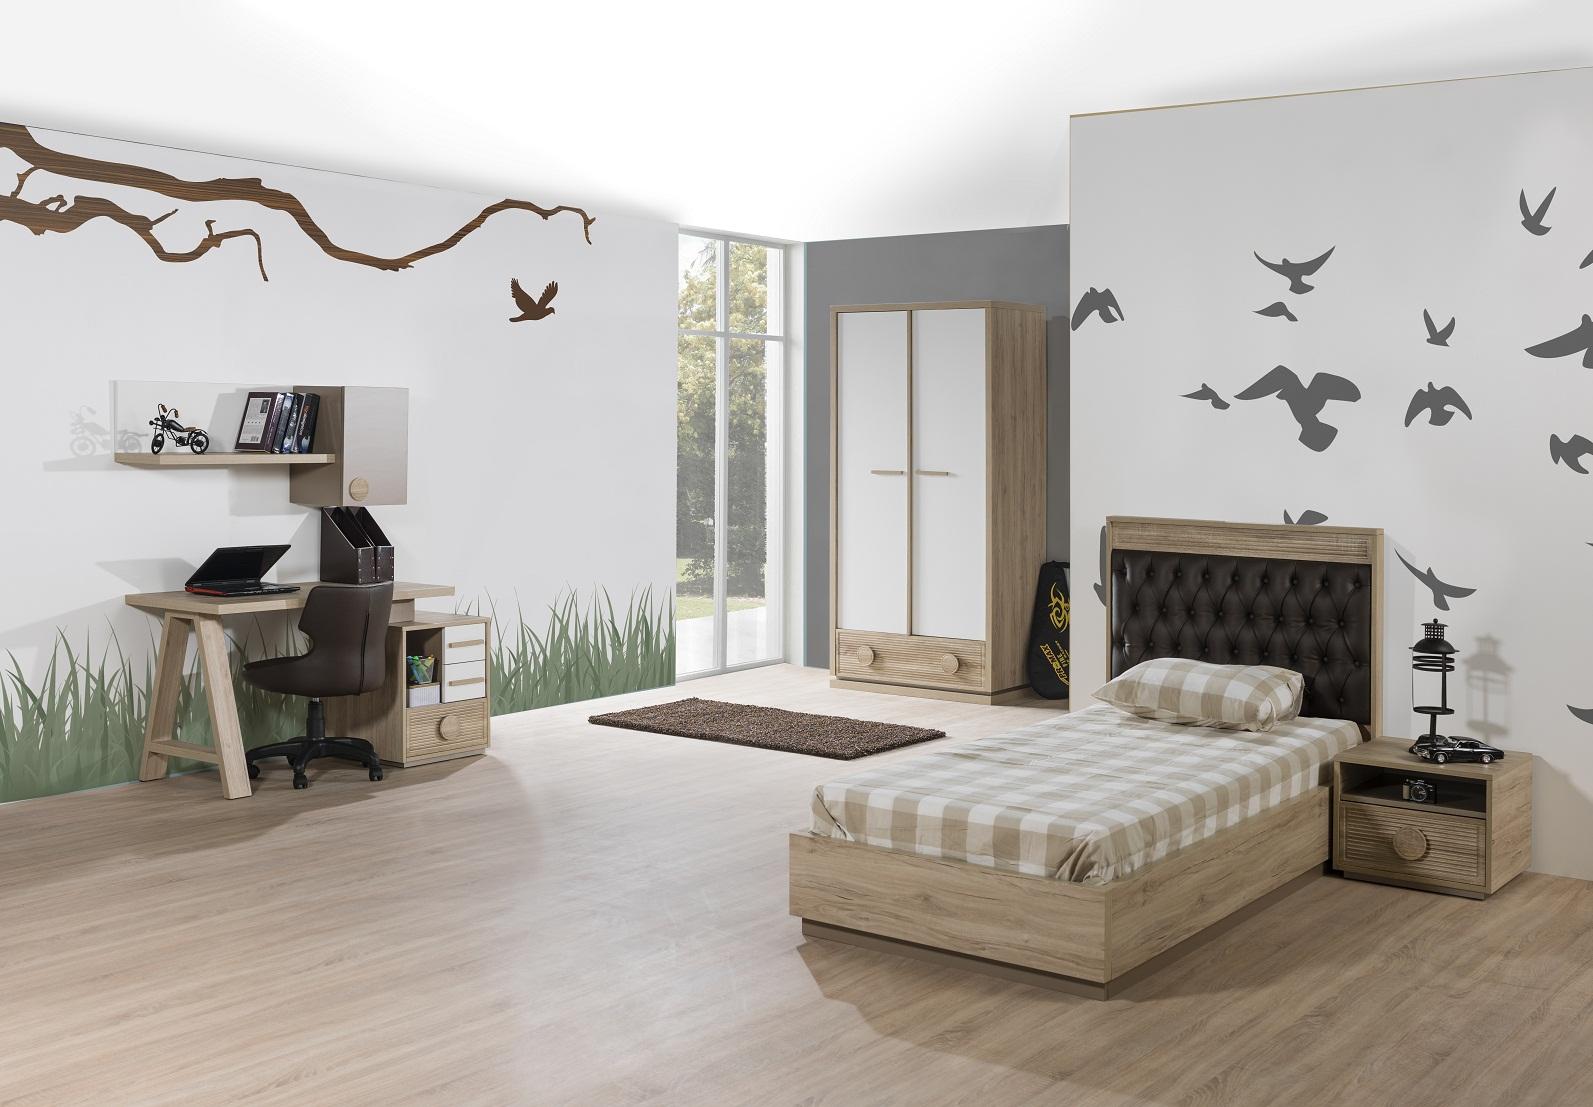 Kinderzimmer Alfa Bett 90x200 Cm Natur Braun Weiss